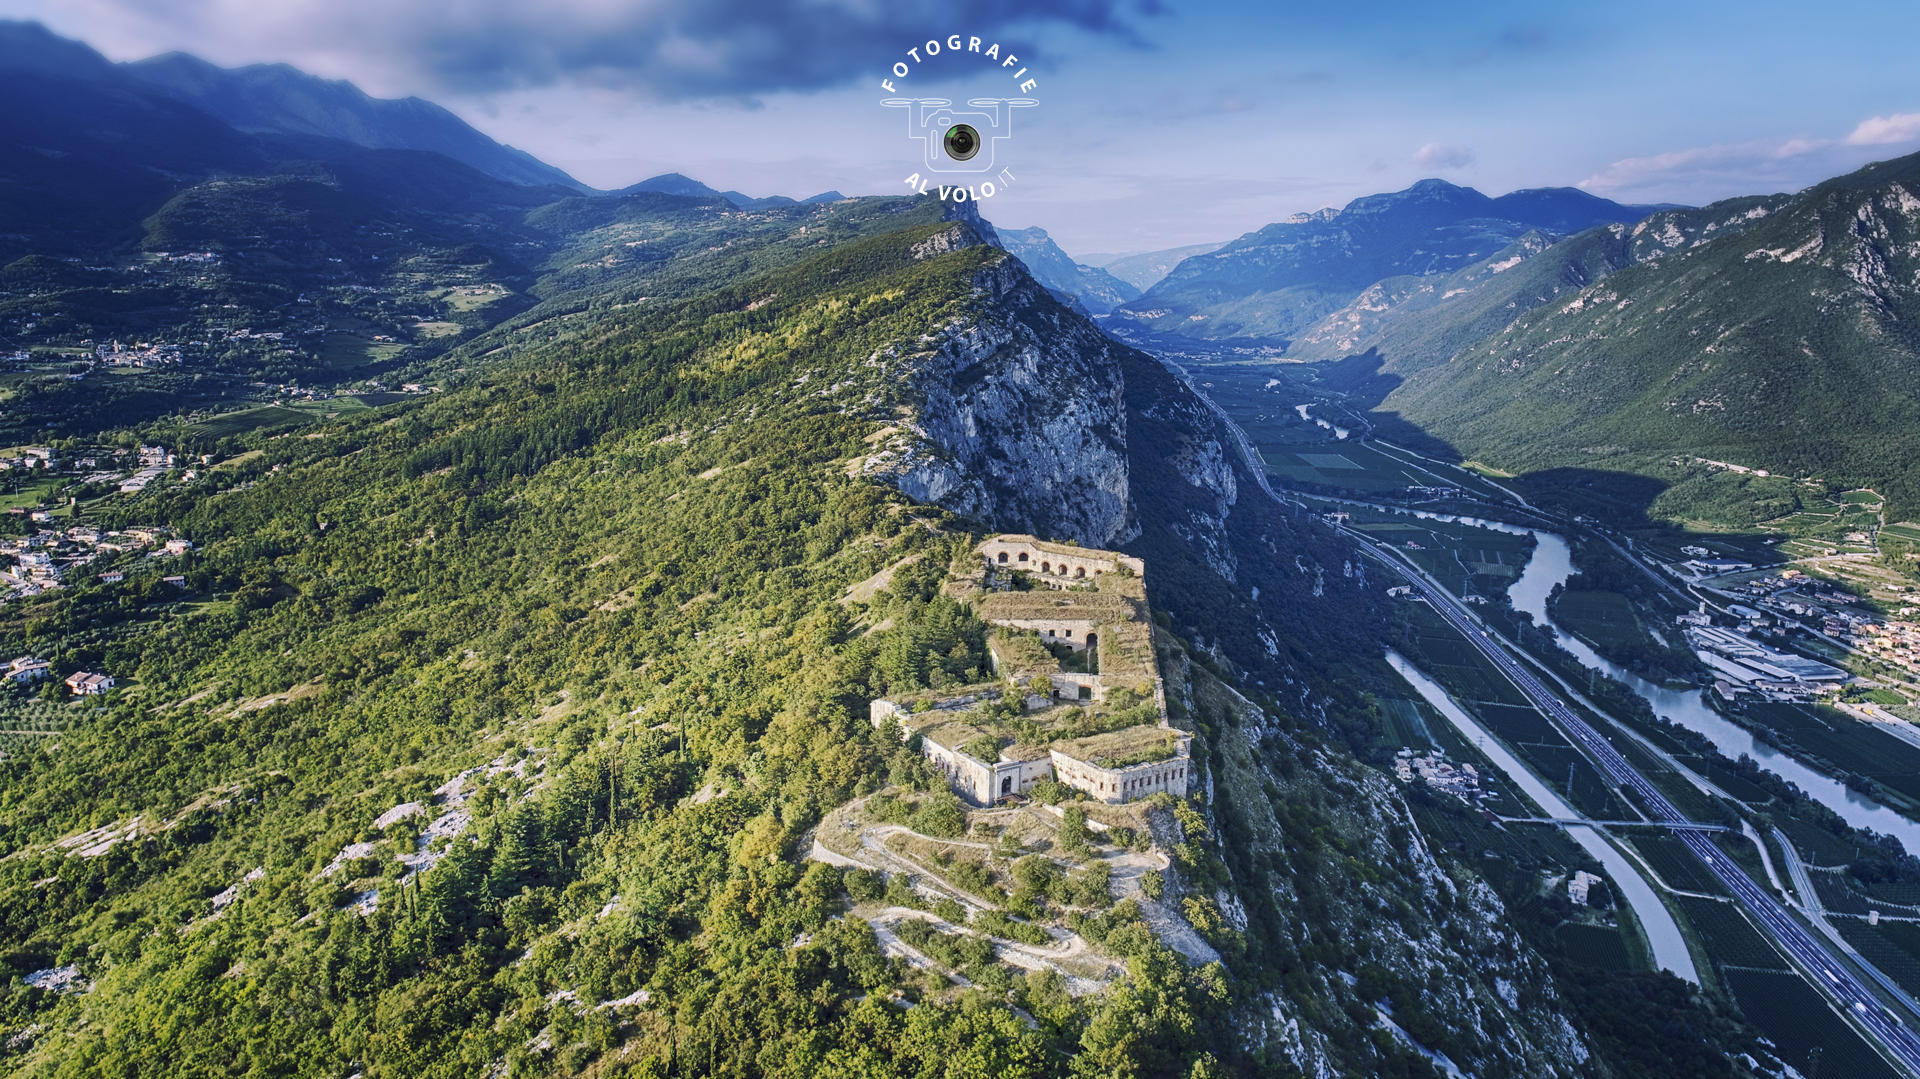 Fotografie Al Volo! Riprese aeree con drone - Sirmione - Lago di Garda - Tobia Fattori